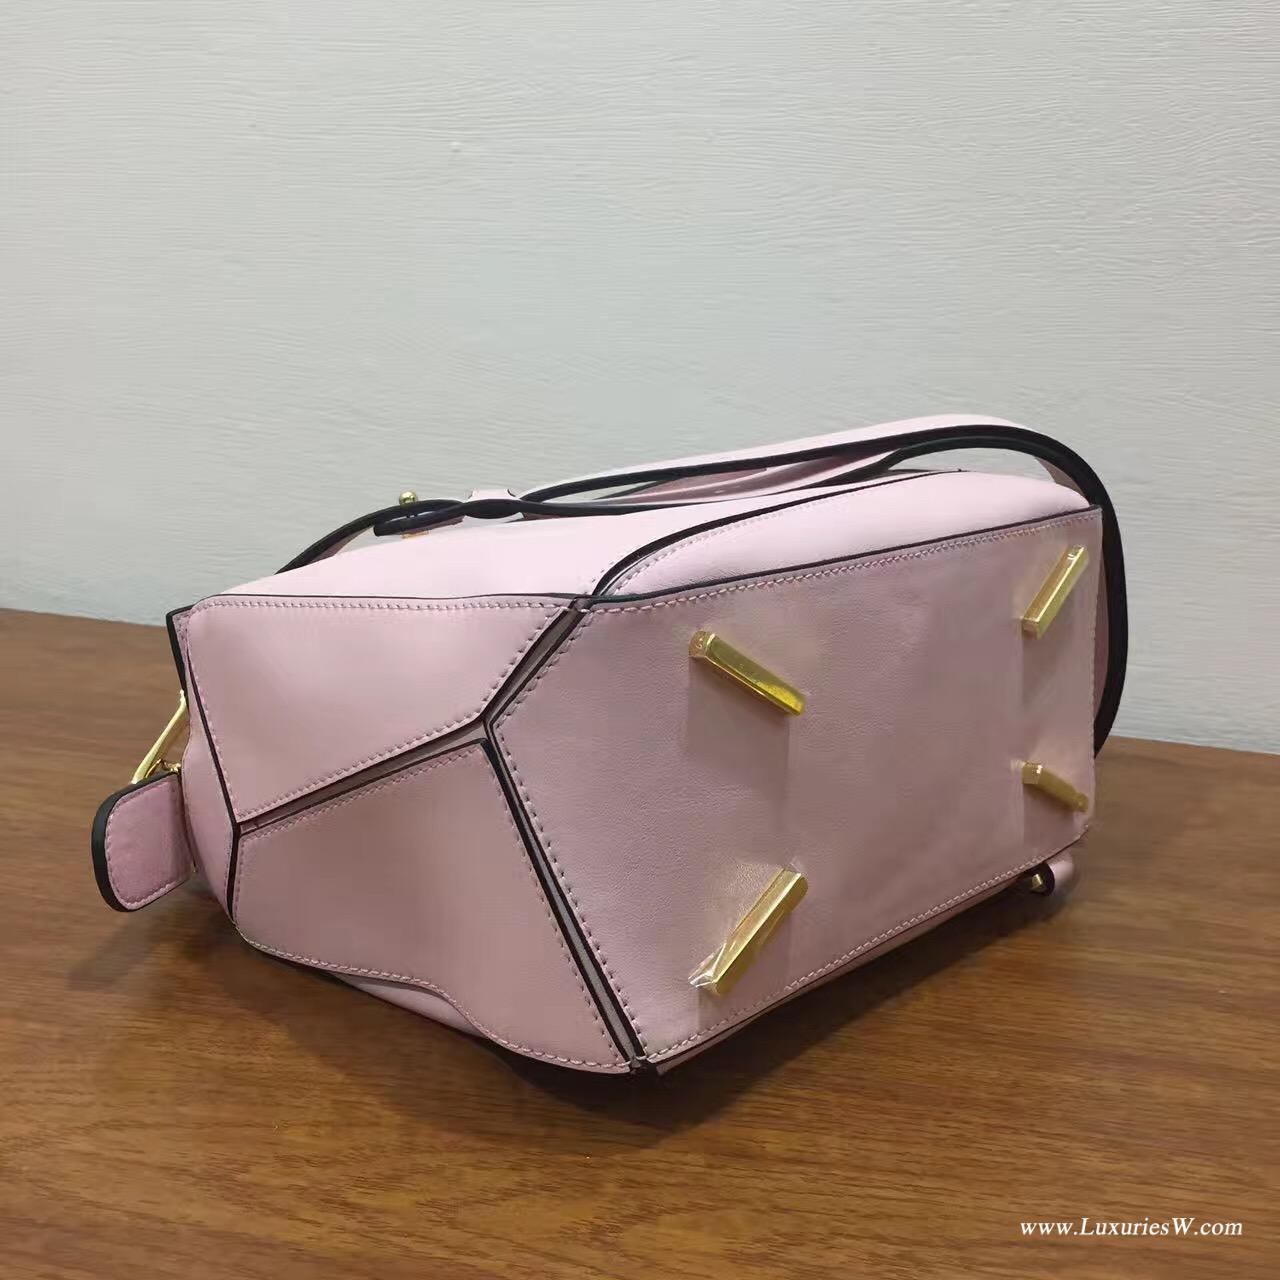 羅意威女包官網 LOEWE Mini Puzzle Bag 粉色 長方體形狀 折疊幾何包